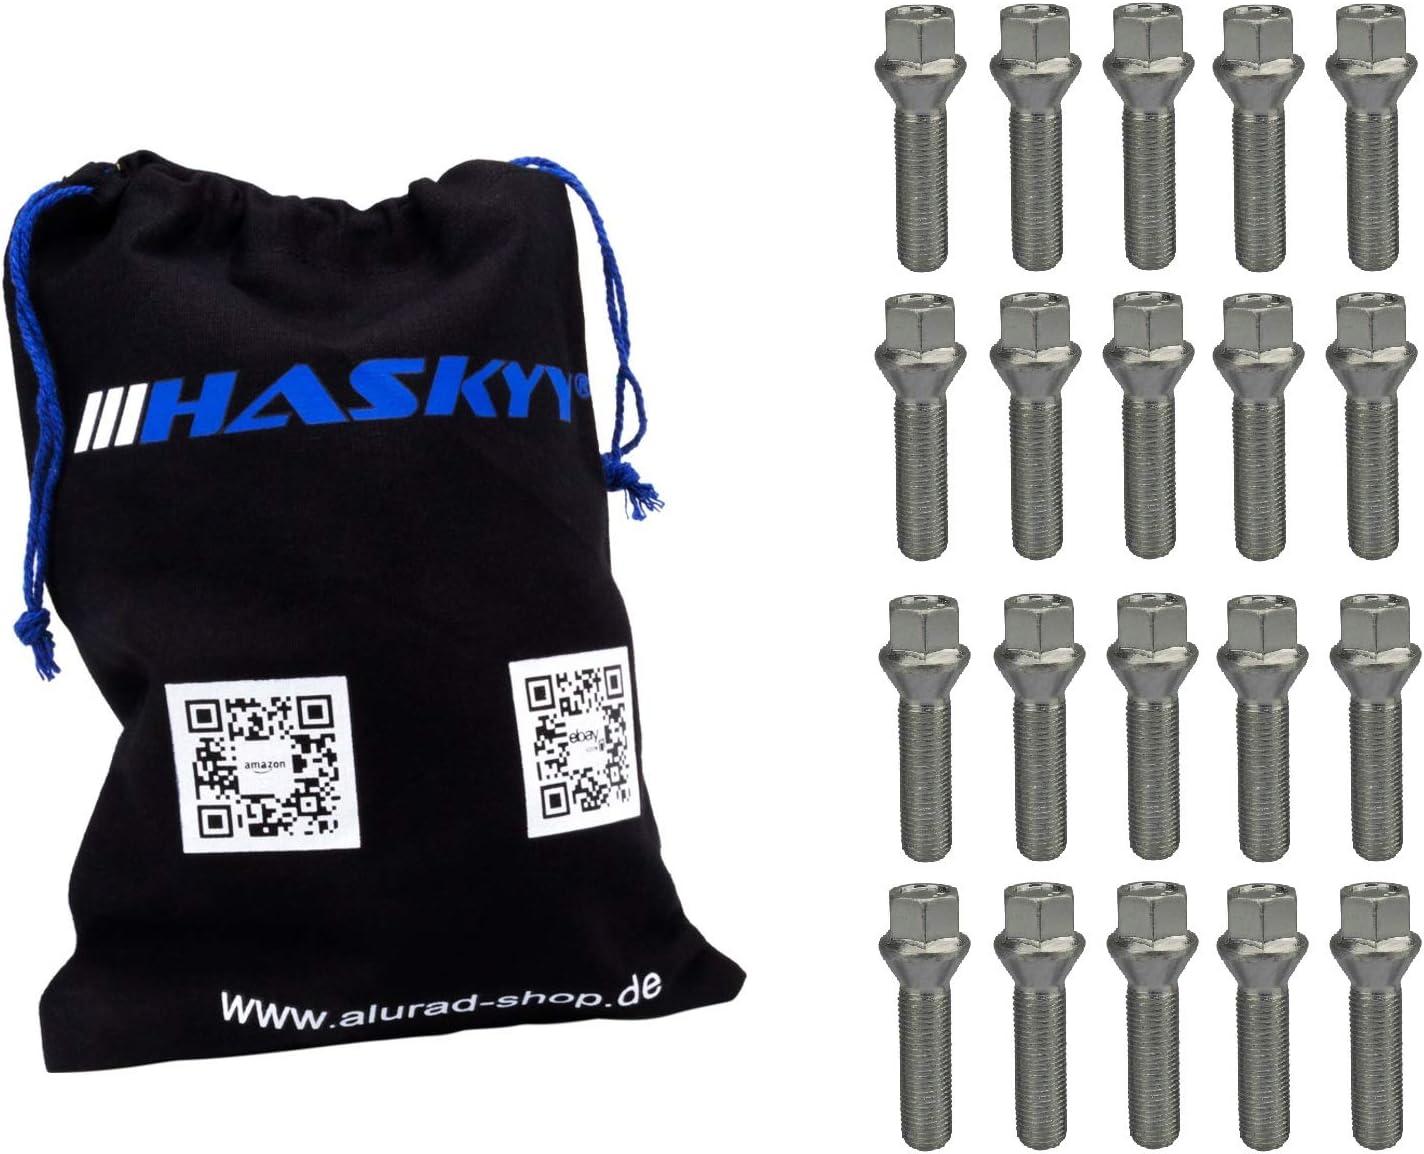 mit Adapter 1-teili Radschraube diebstahlhemmend Codeschlüssel M14X1,5X27,5